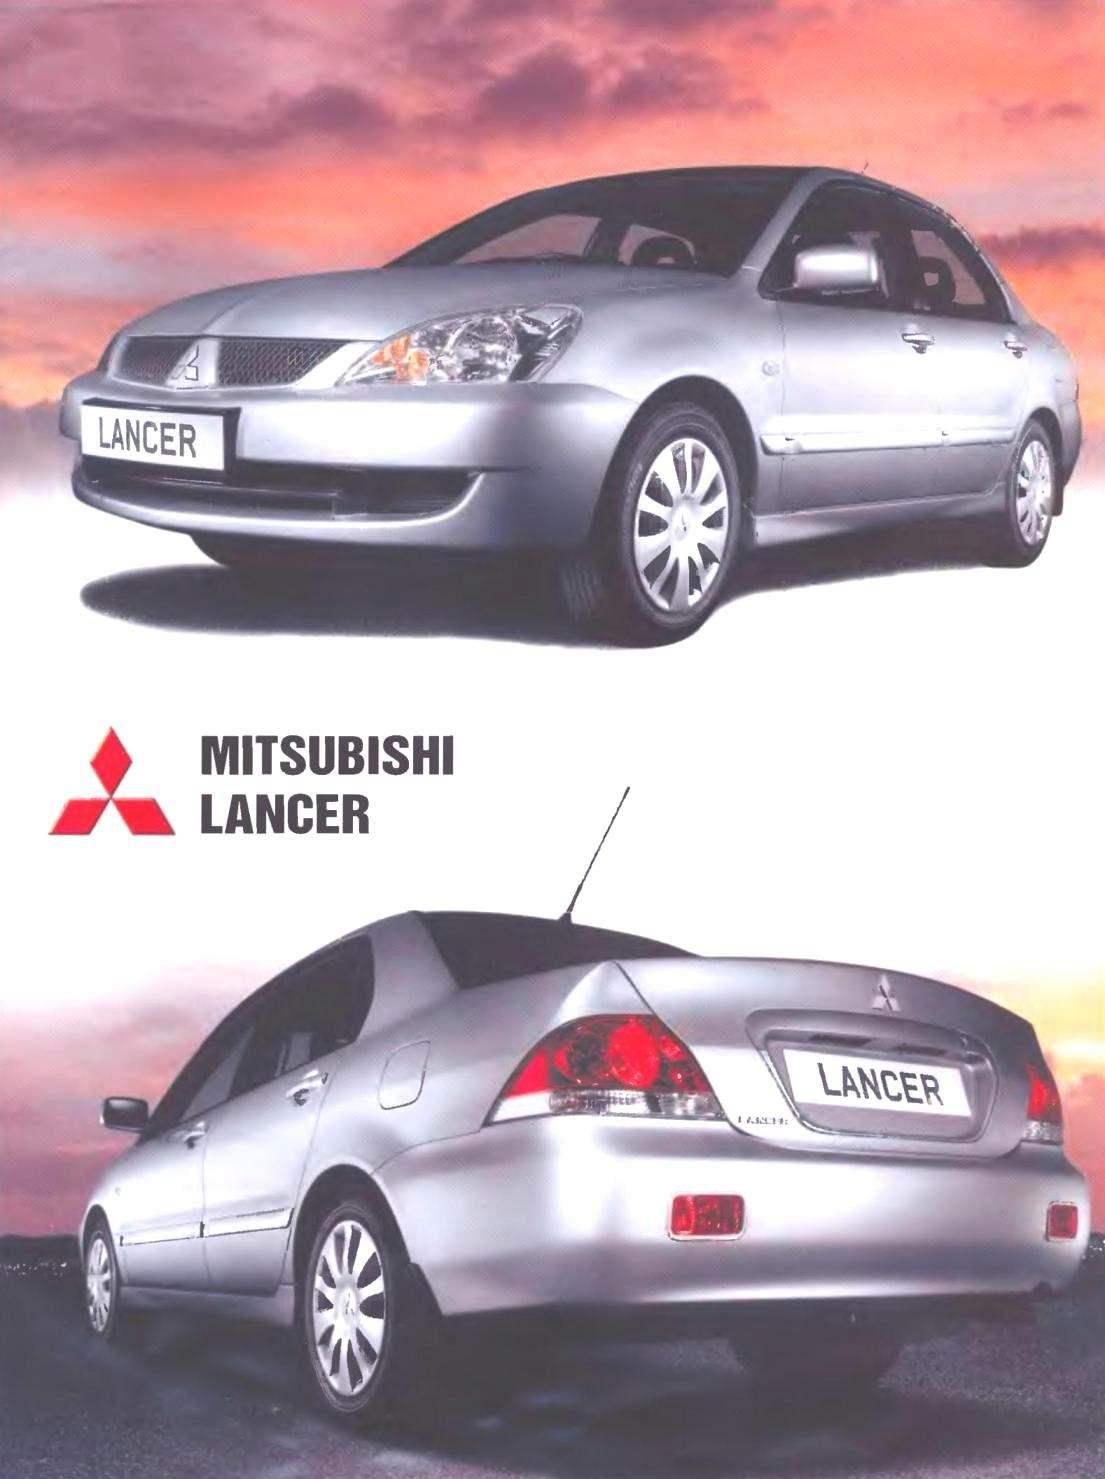 В 2005 году Mitsubishi Lancer стал в России «Автомобилем года» и лидером продаж в гольф-классе благодаря оптимальному соотношению цены и качества